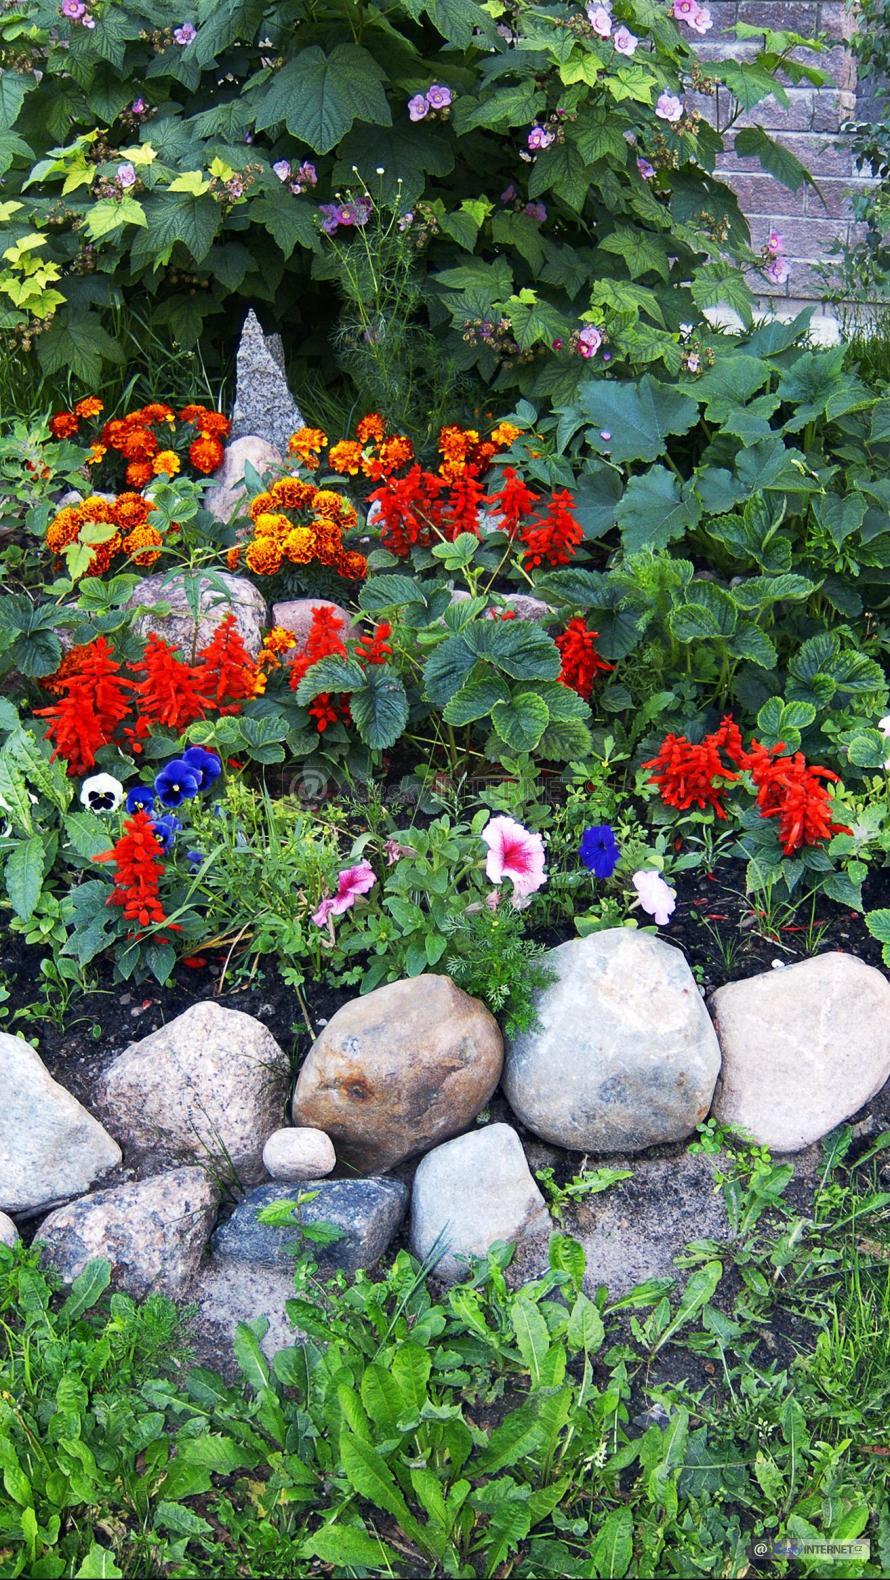 Kvetoucí květiny na skalce.